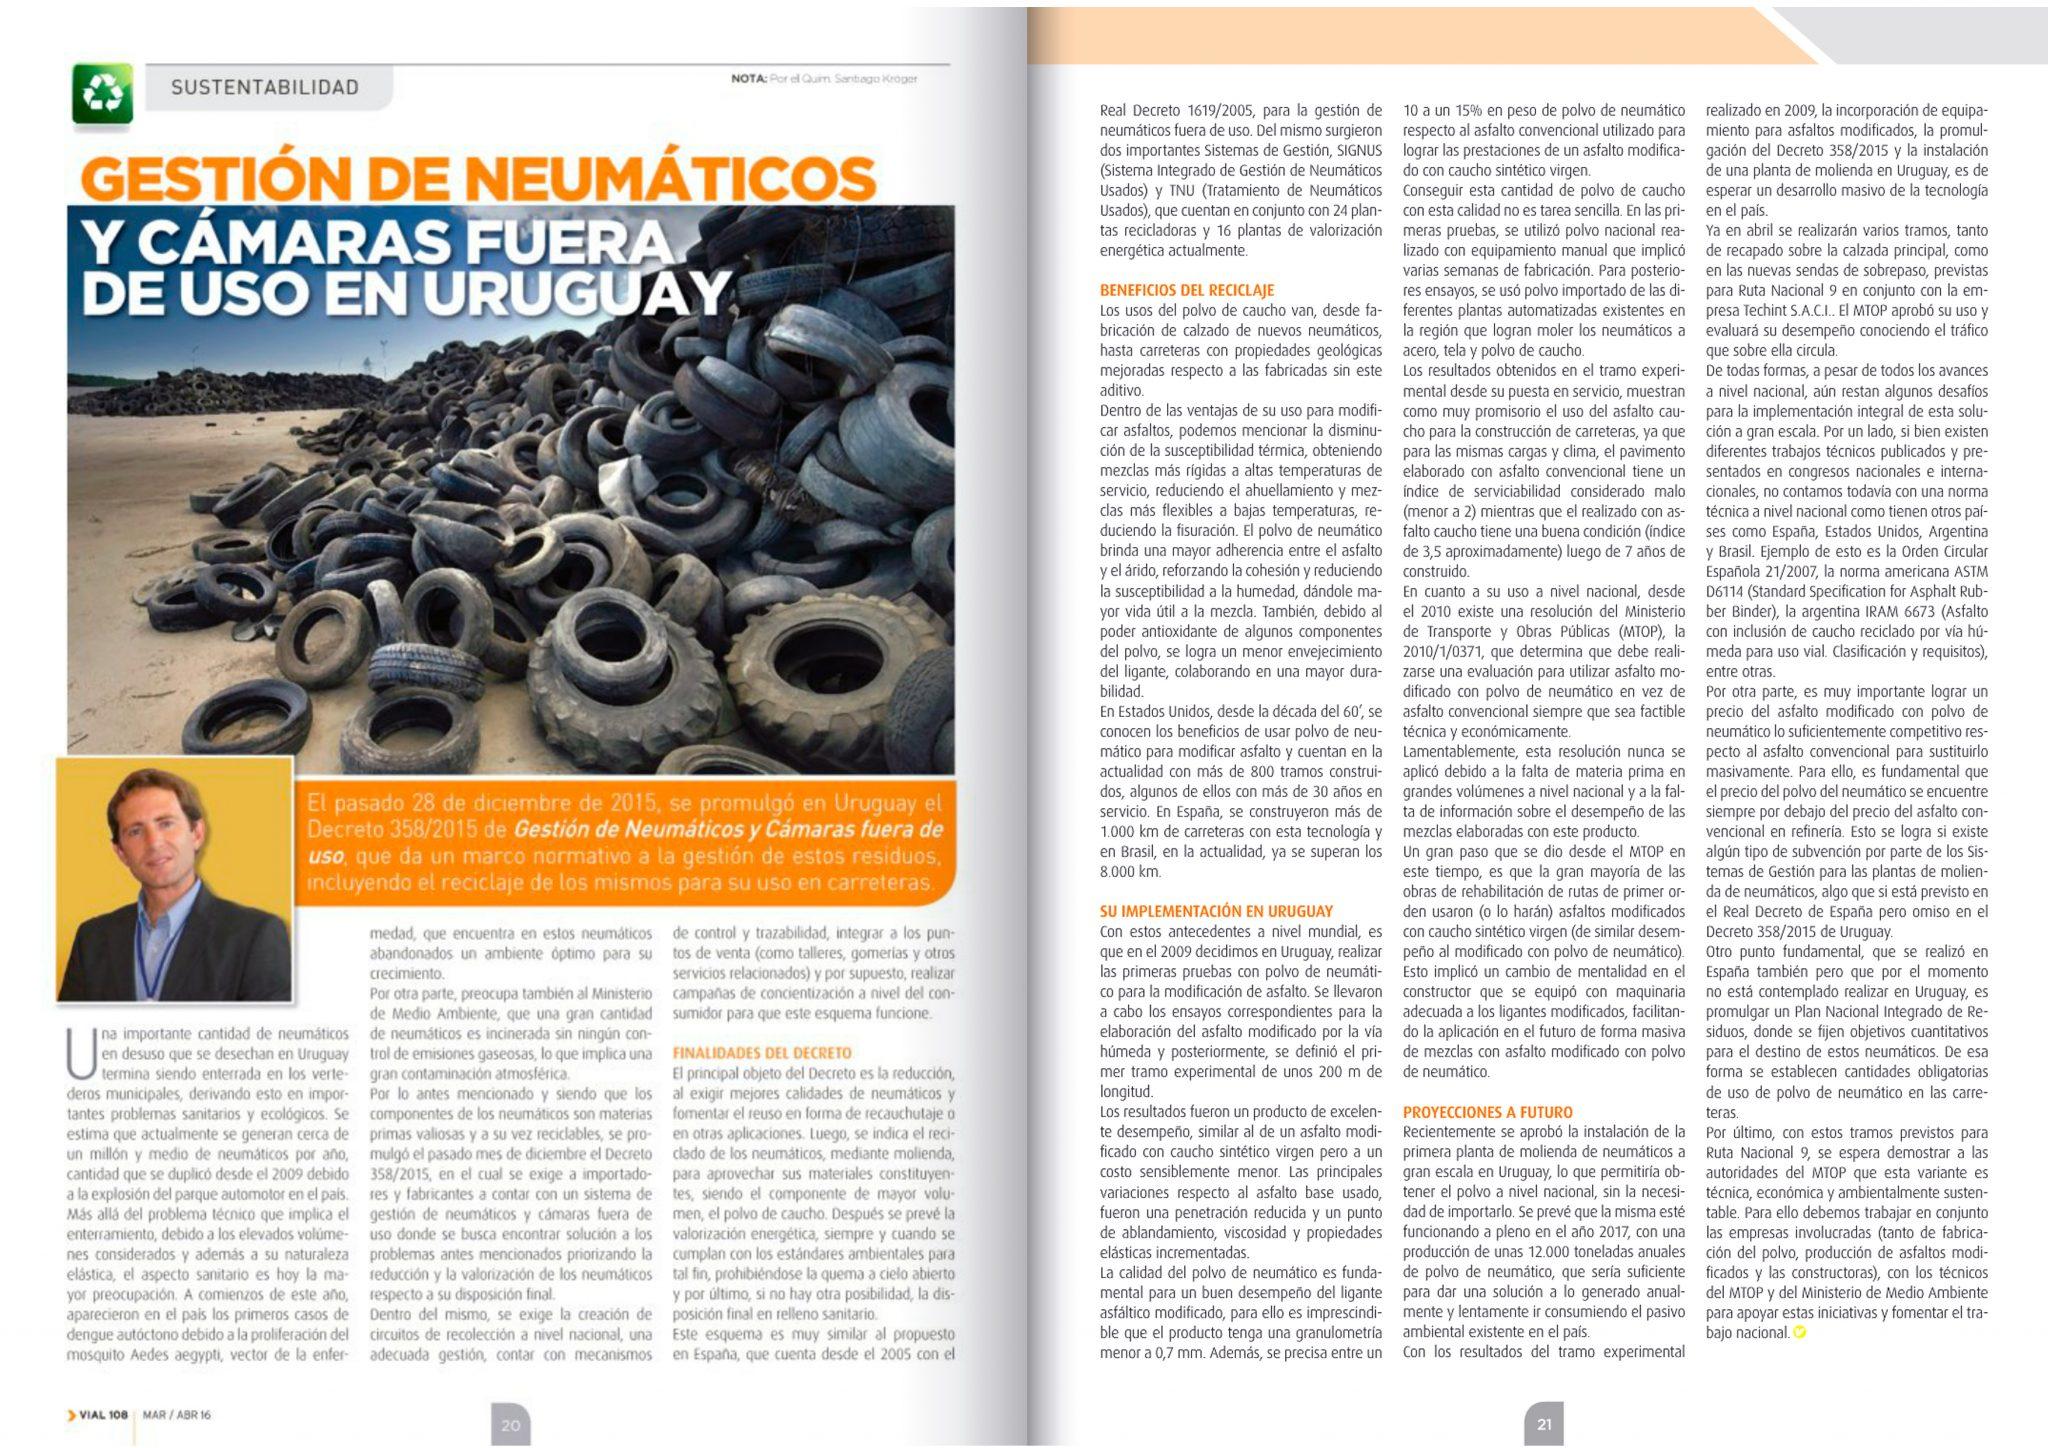 Gestión de neumáticos y cámaras fuera de uso en Uruguay